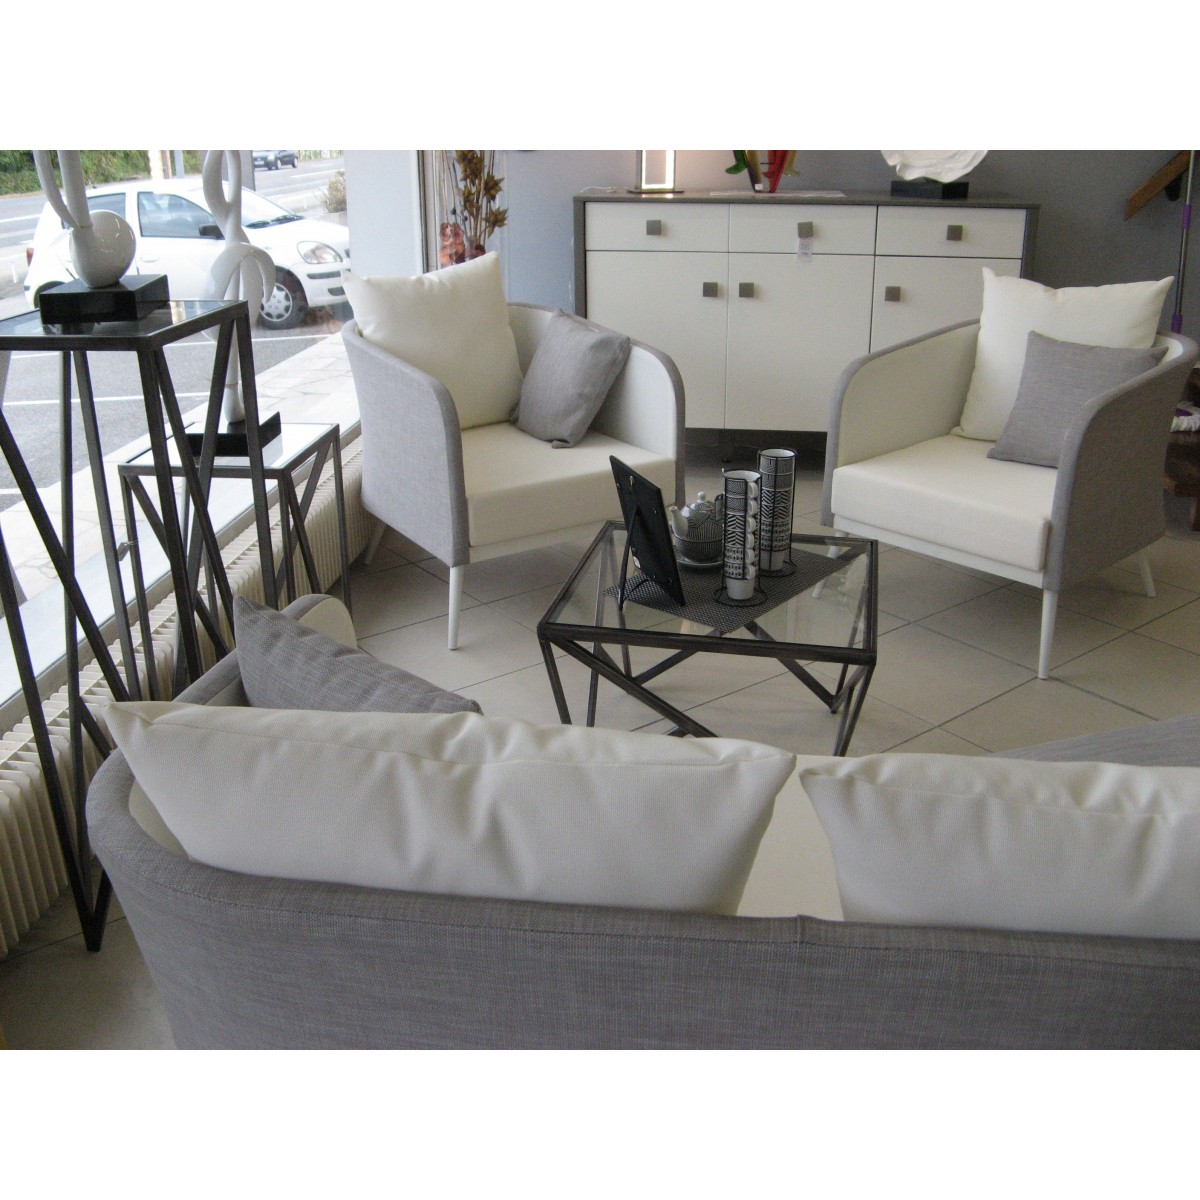 table basse m tal et verre. Black Bedroom Furniture Sets. Home Design Ideas